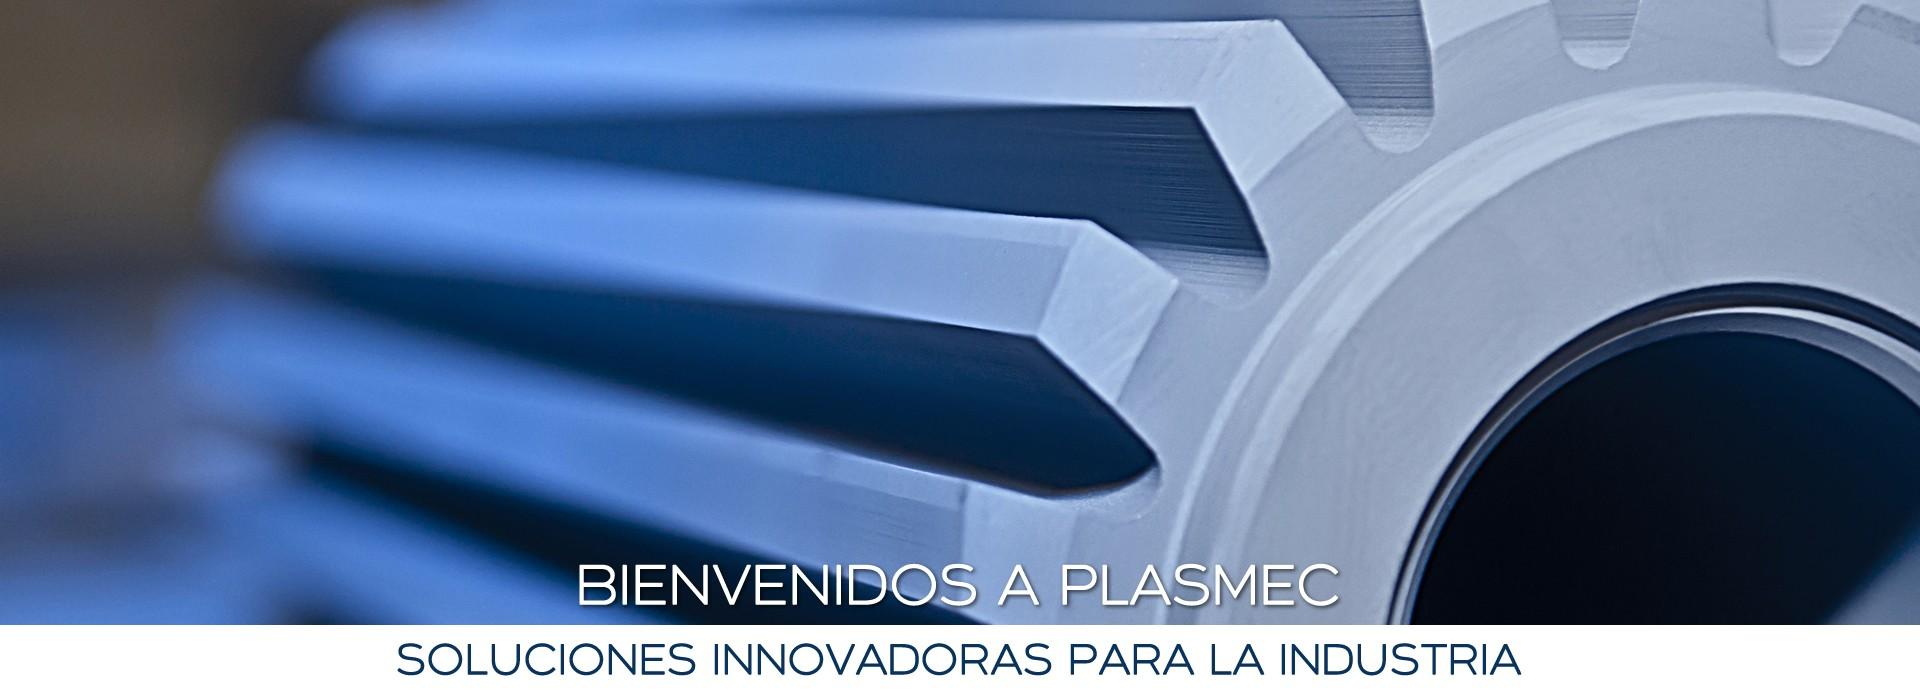 PLASMEC